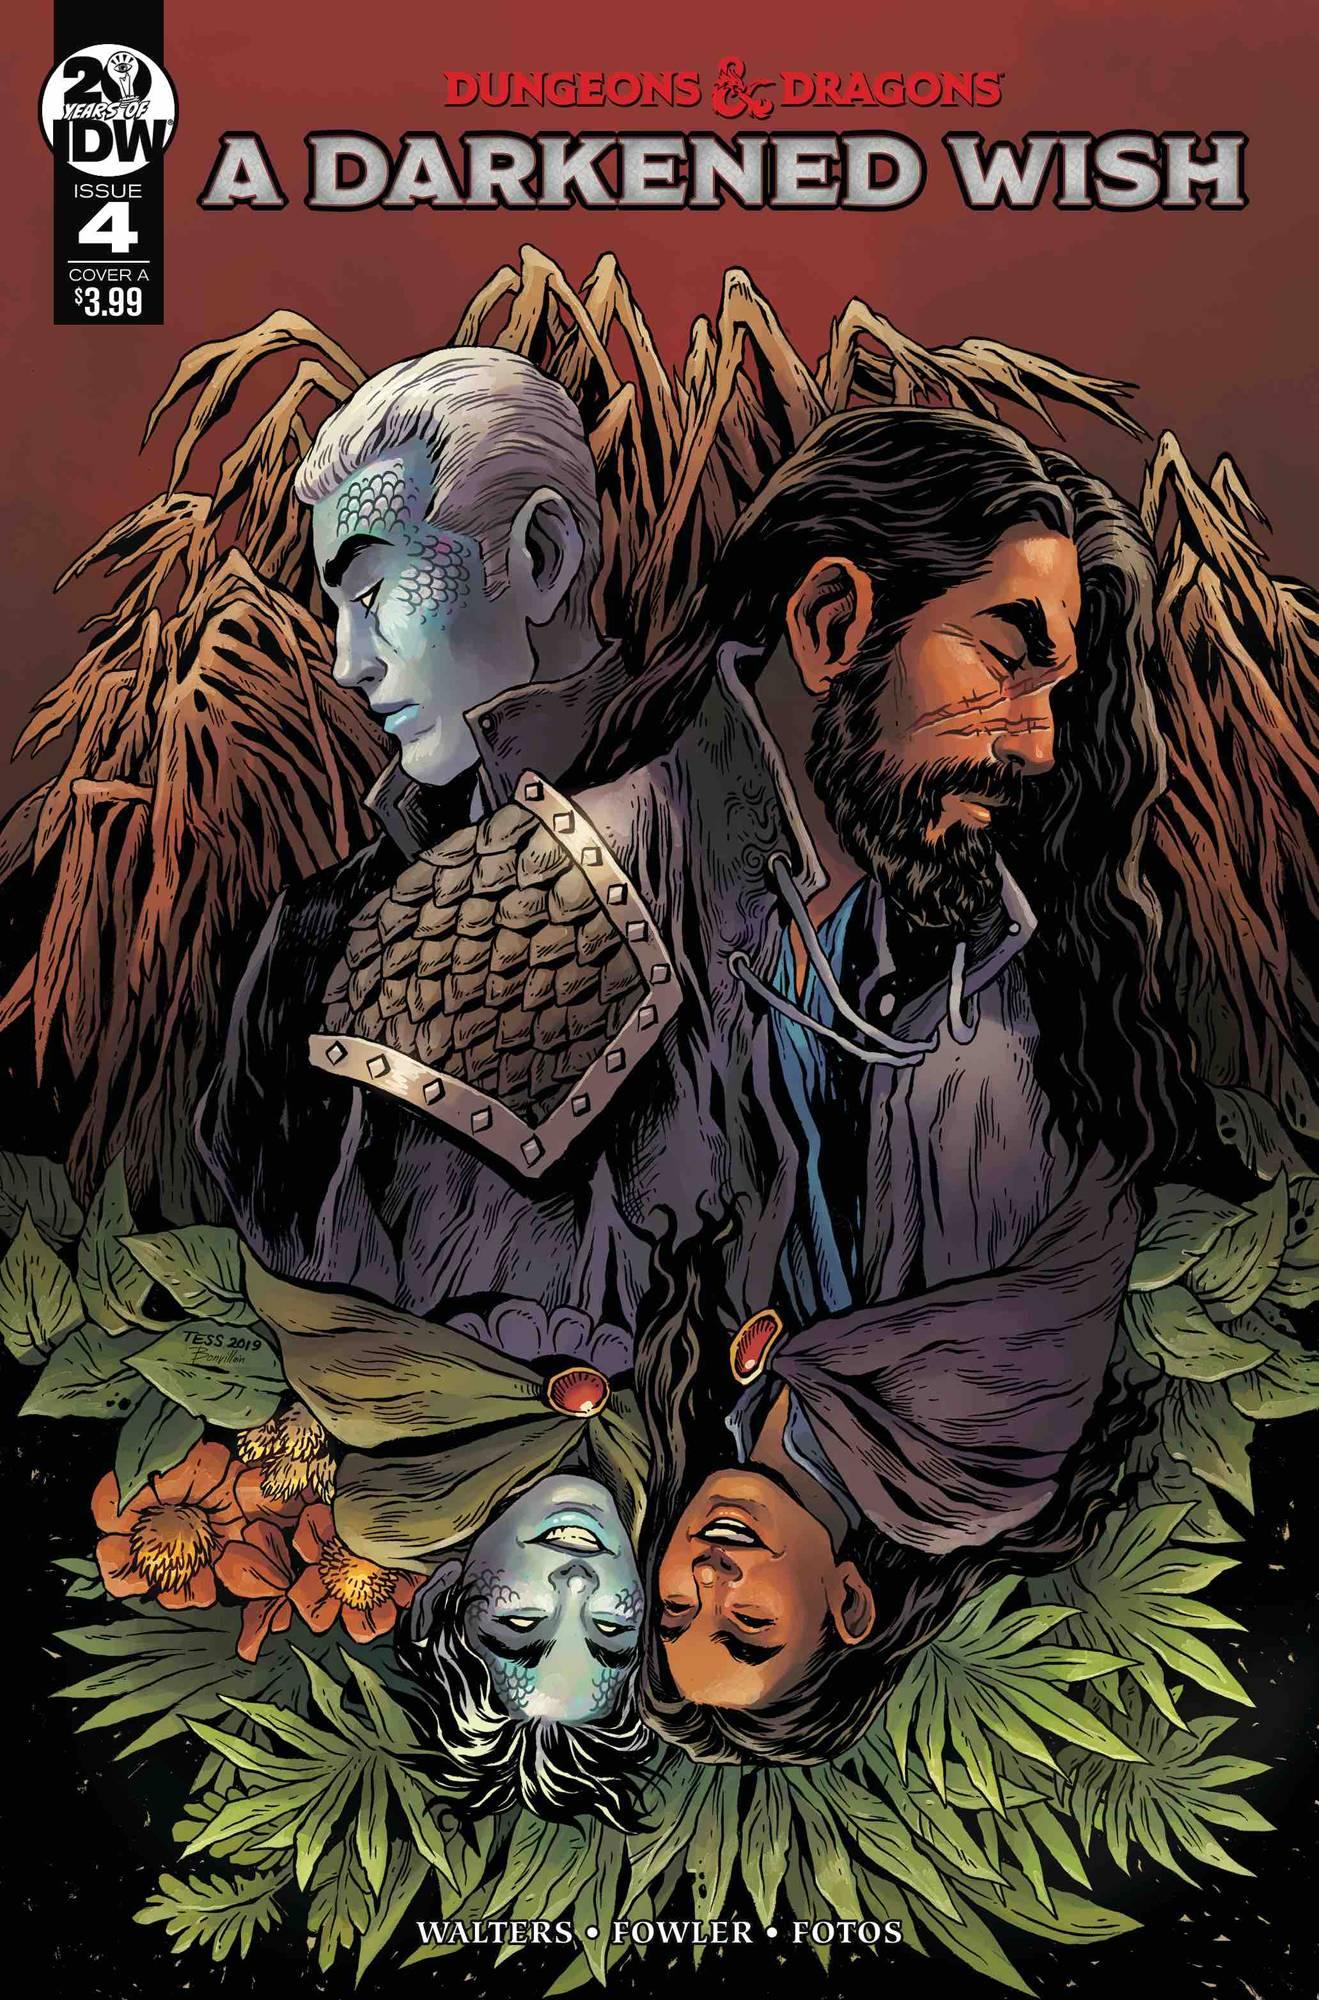 Dungeons & Dragons: A Darkened Wish #4 (2020)